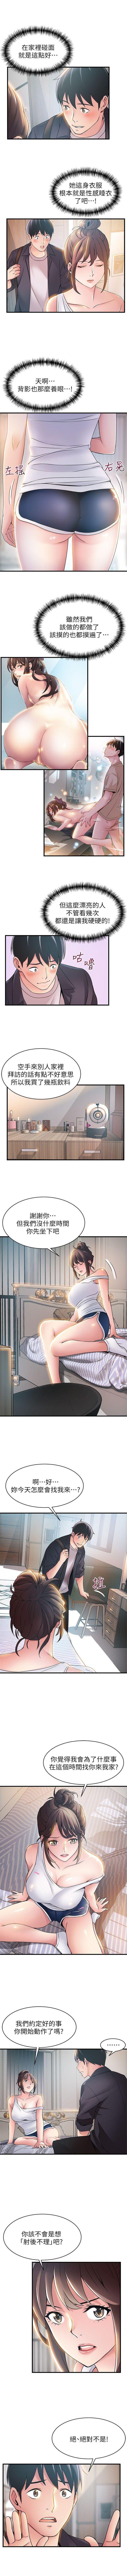 弱点 1-64 中文翻译(更新中) 112